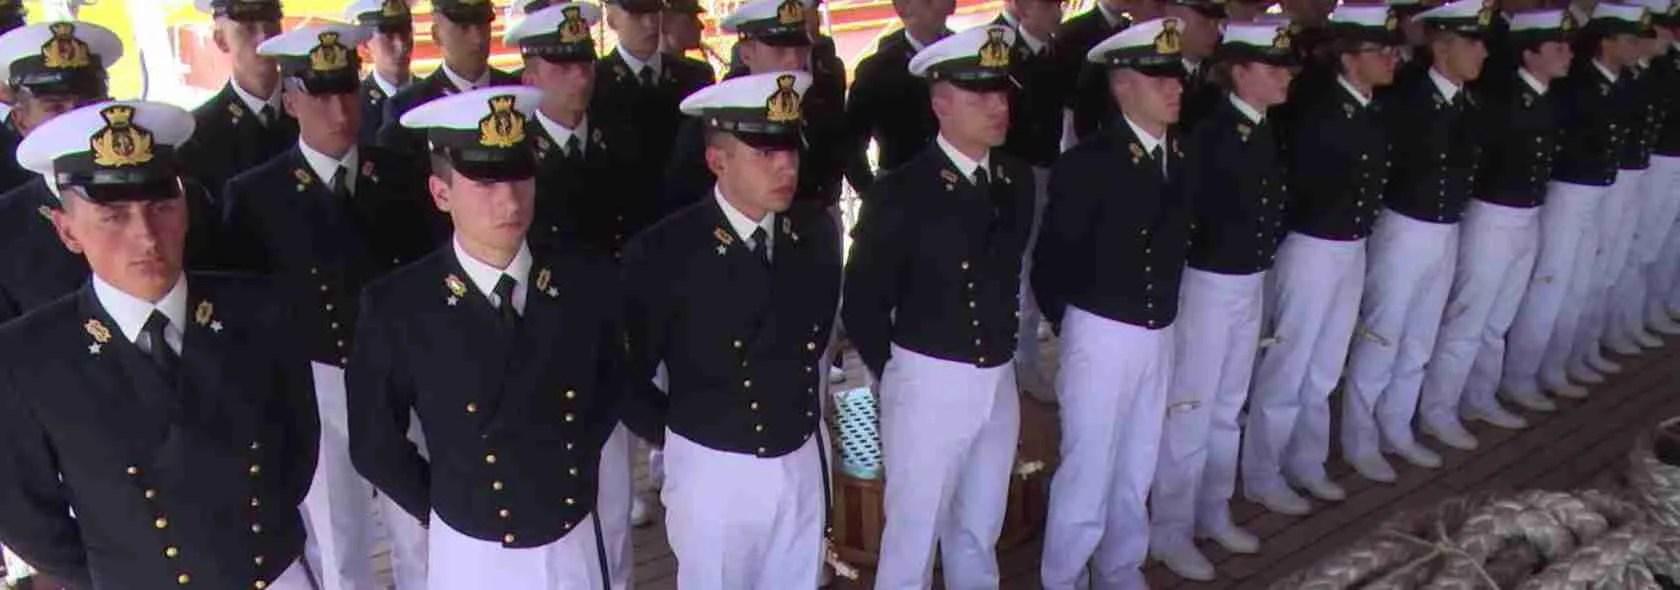 Le escort Livorno sono affascinate dai marinai in divisa dell'Accademia Navale di Livorno. Magica Escort